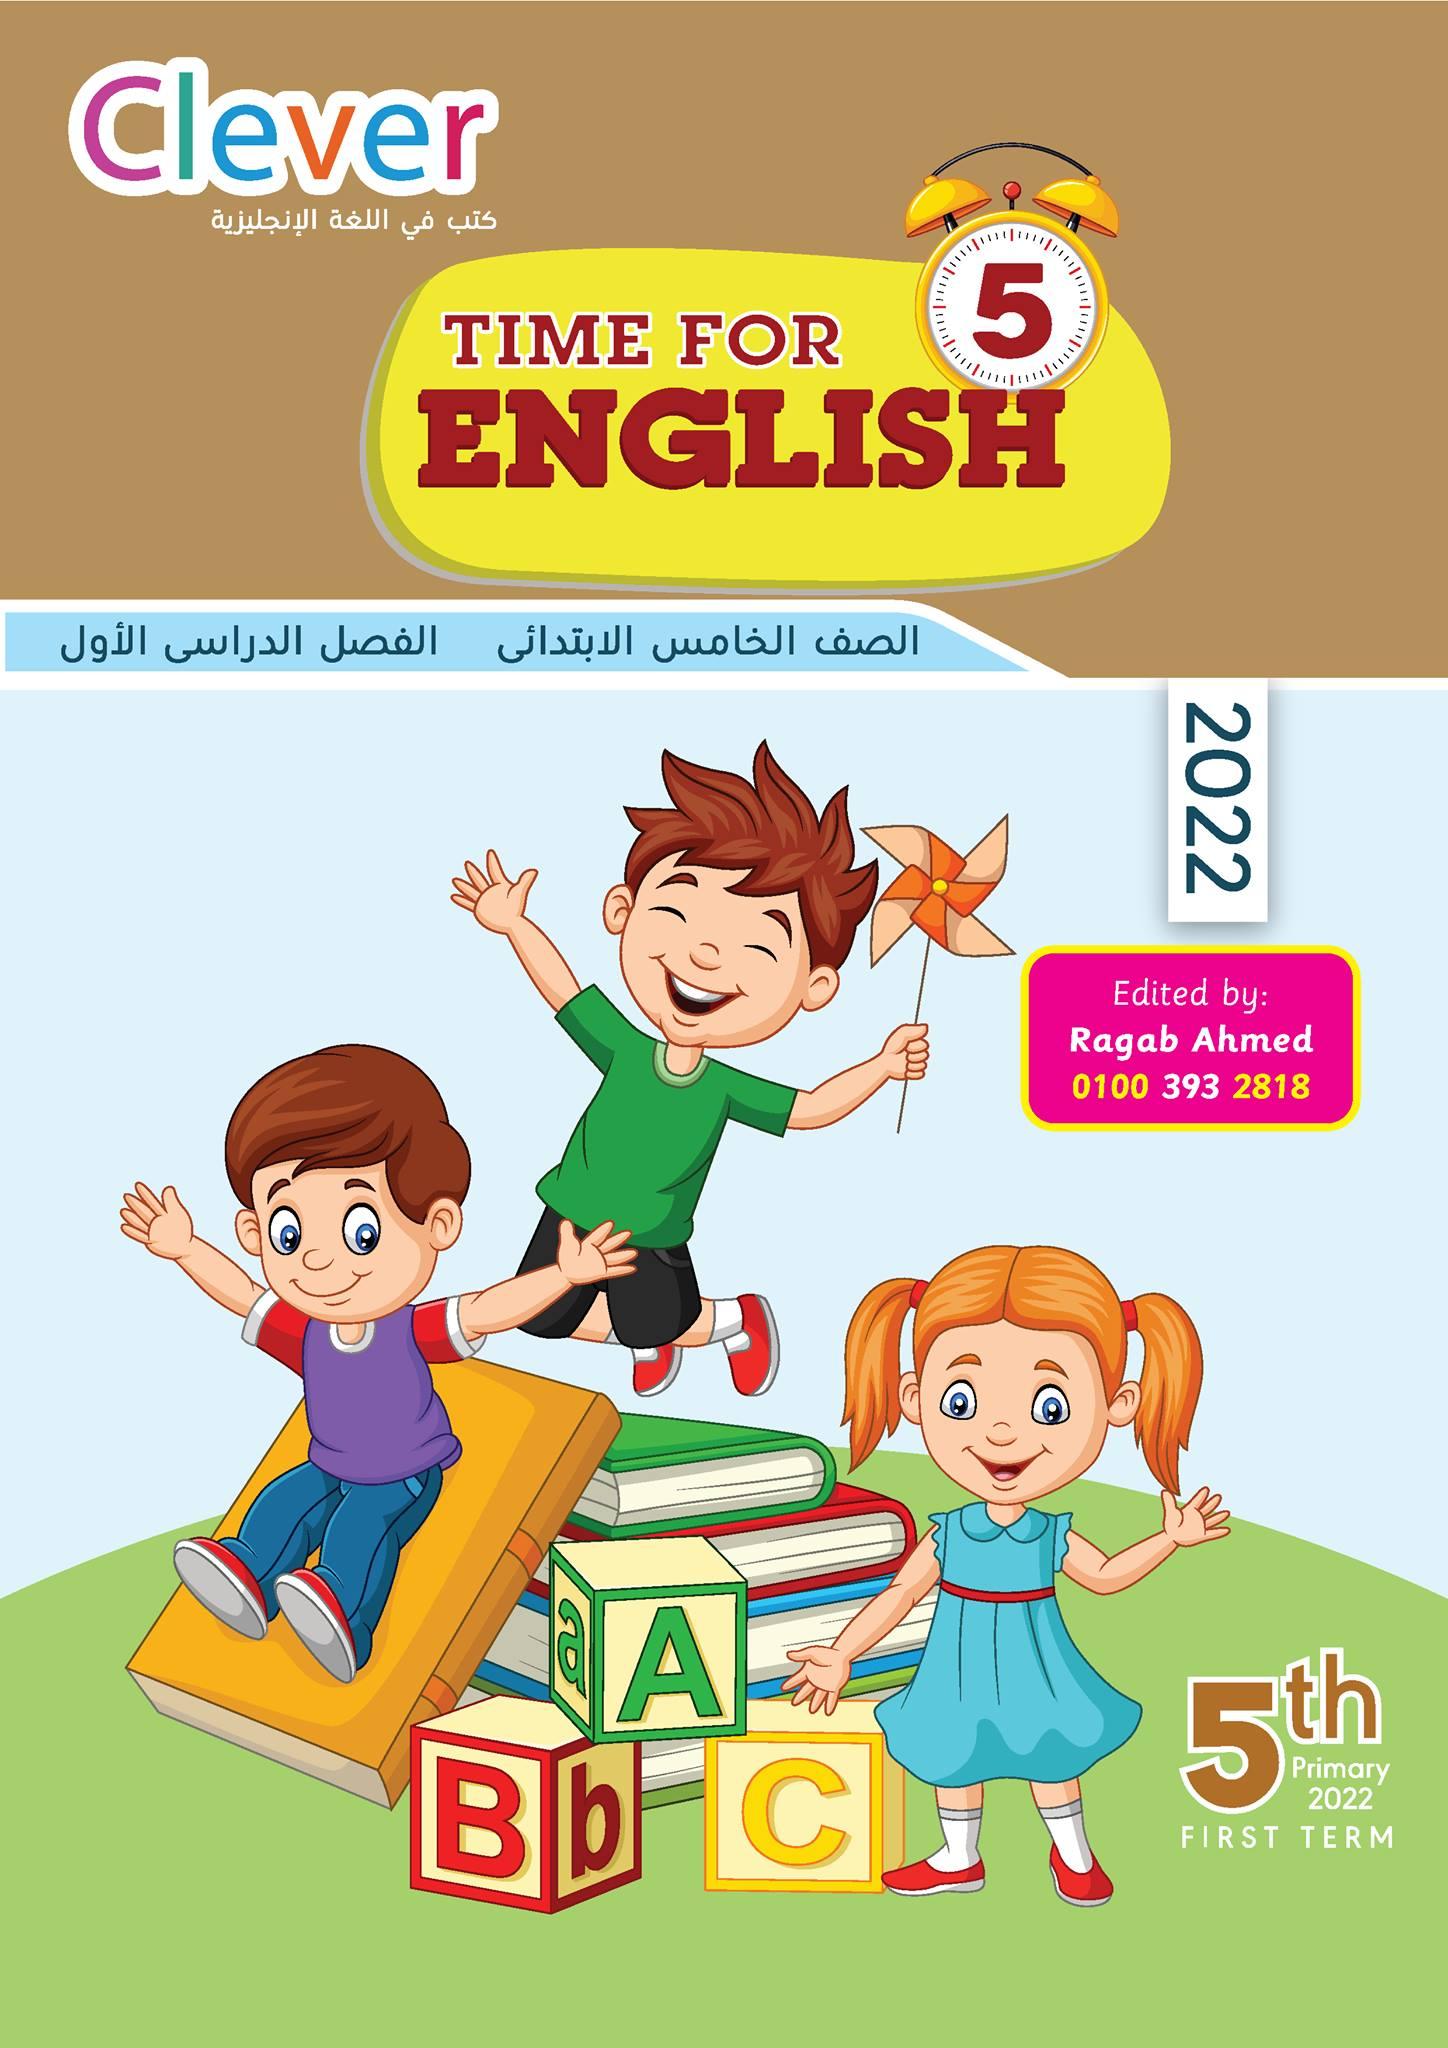 افضل مذكرة انجليزى Time for English (شرح وتدريبات) للصف الخامس الإبتدائى الترم الأول 2022 مستر رجب أحمد